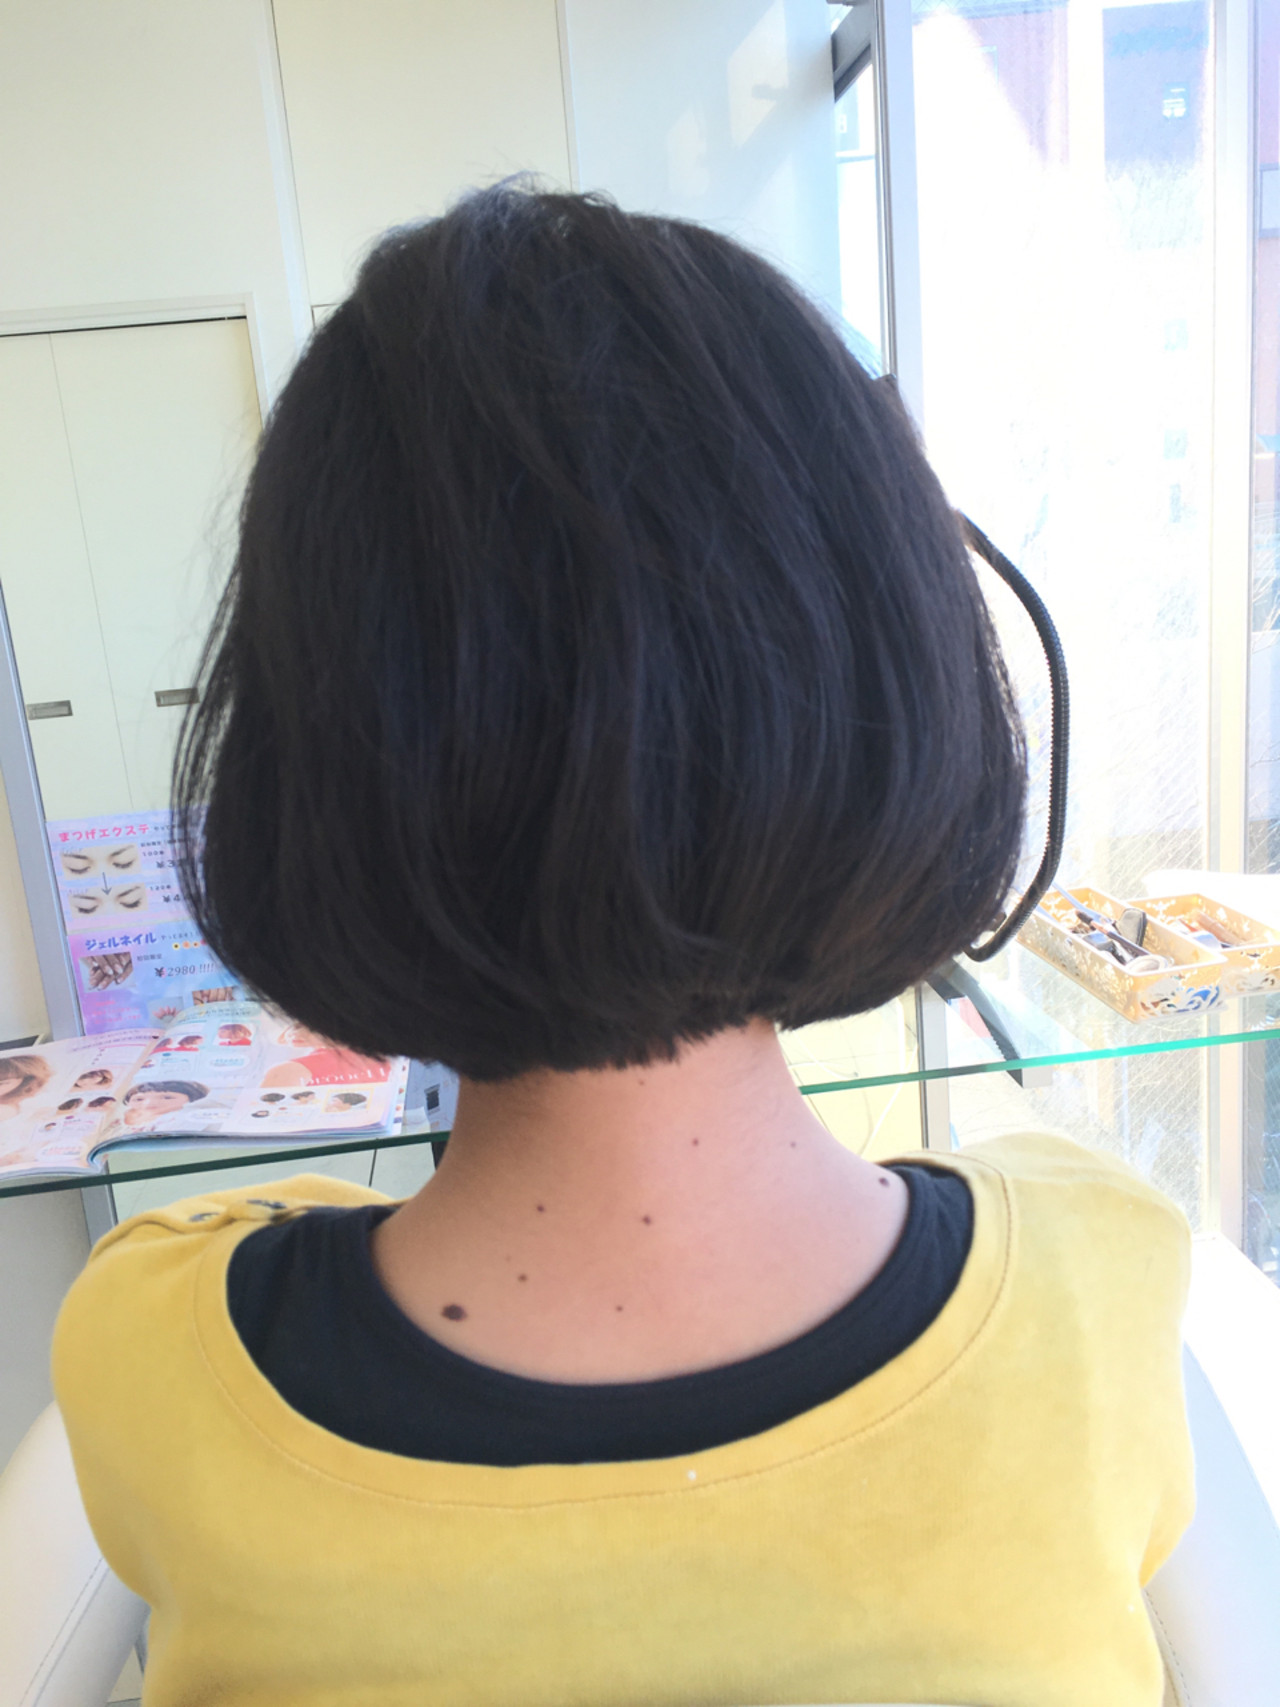 小顔 色気 ガーリー ショートボブ ヘアスタイルや髪型の写真・画像